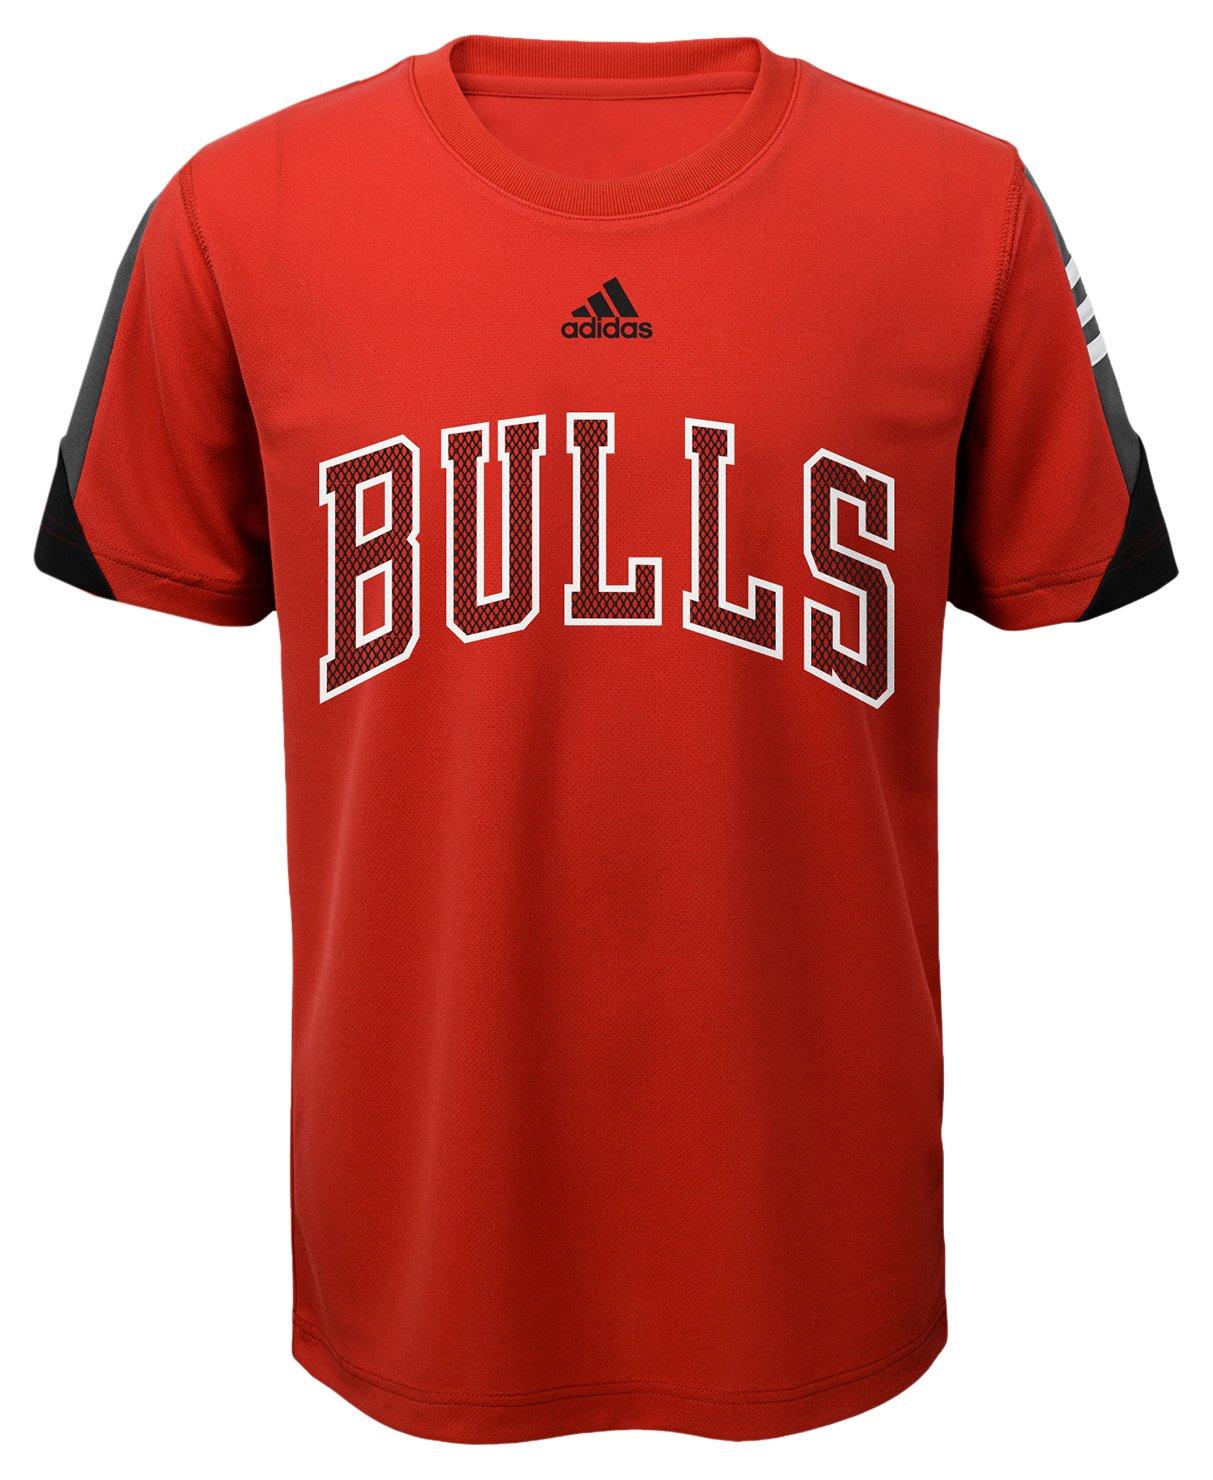 NBA ティーン ボーイズ NBA ユースサイズ8-20 クリーブランドキャバリアーズ ポゼッション半袖パフォーマンスTシャツ Youth X-Large(18) レッド   B01LTERPUS